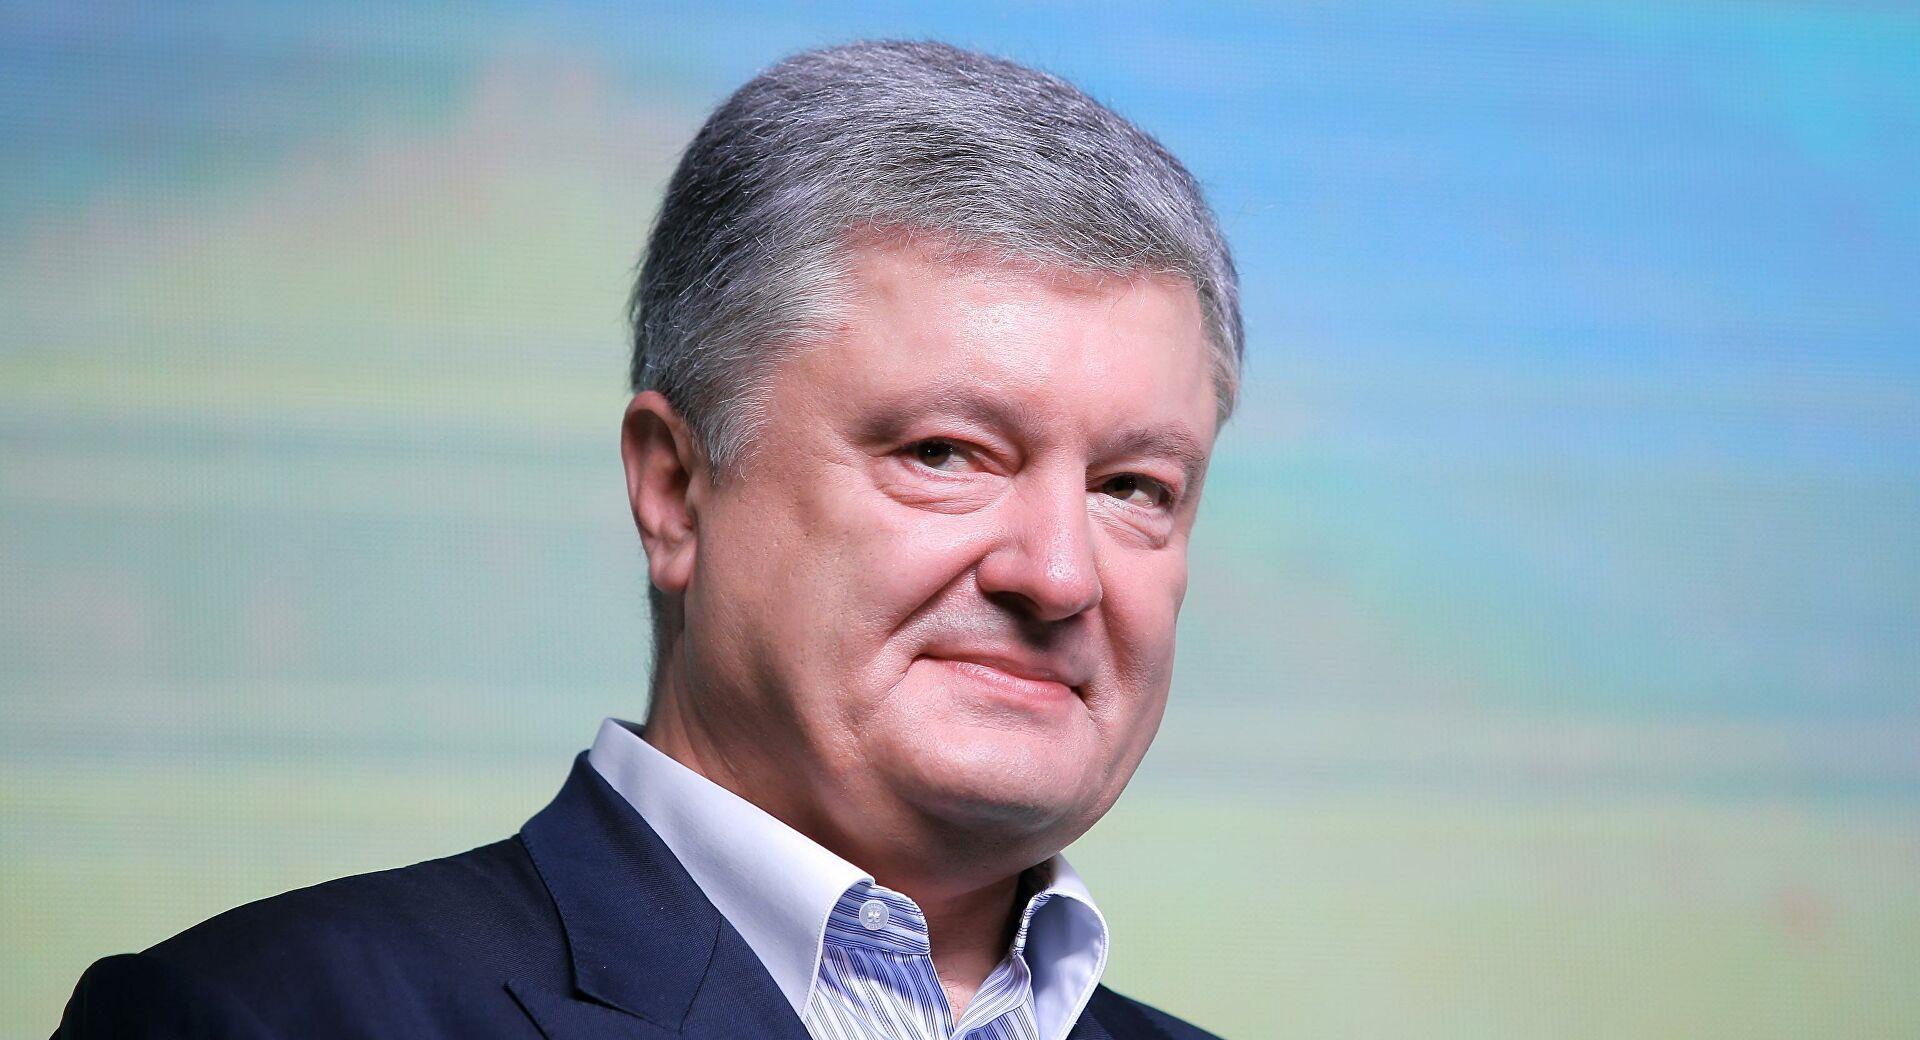 """Порошенко обратился к """"волонтерам"""" Зеленского: """"Бросайте эти анкеты и убегайте!"""""""